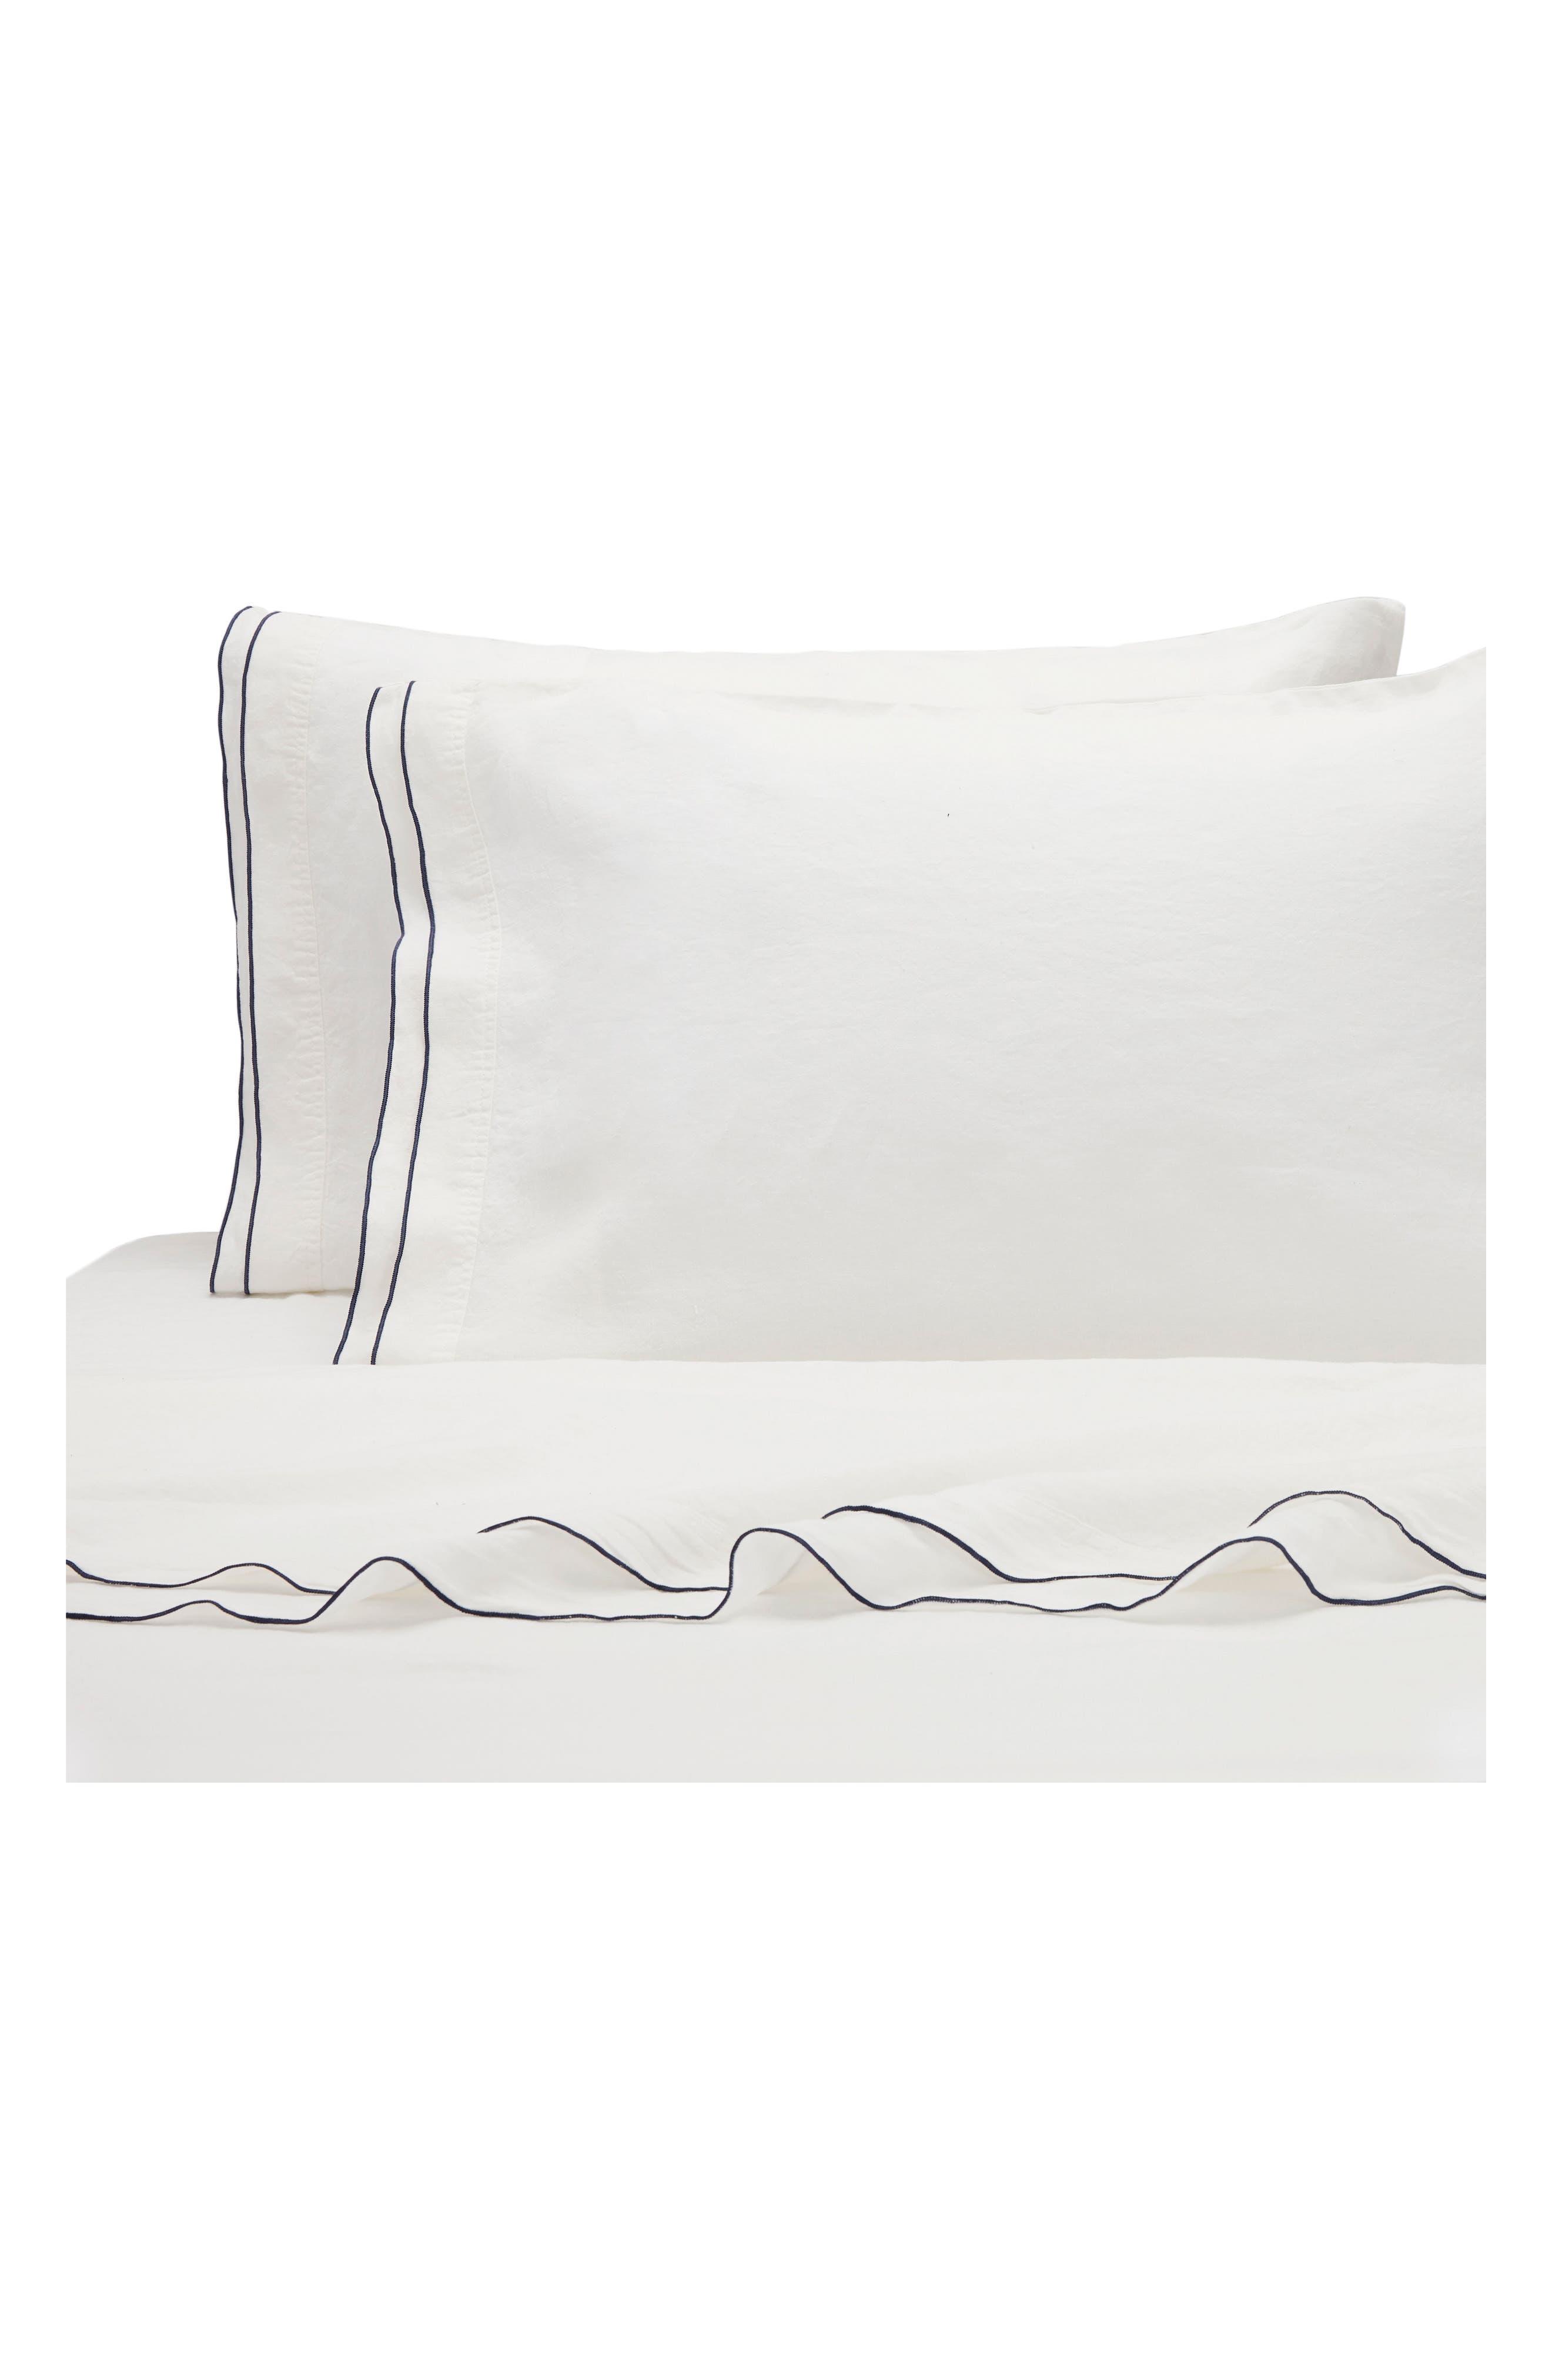 Biarritz Linen 300 Thread Count Pillowcase,                         Main,                         color, White/ Indigo